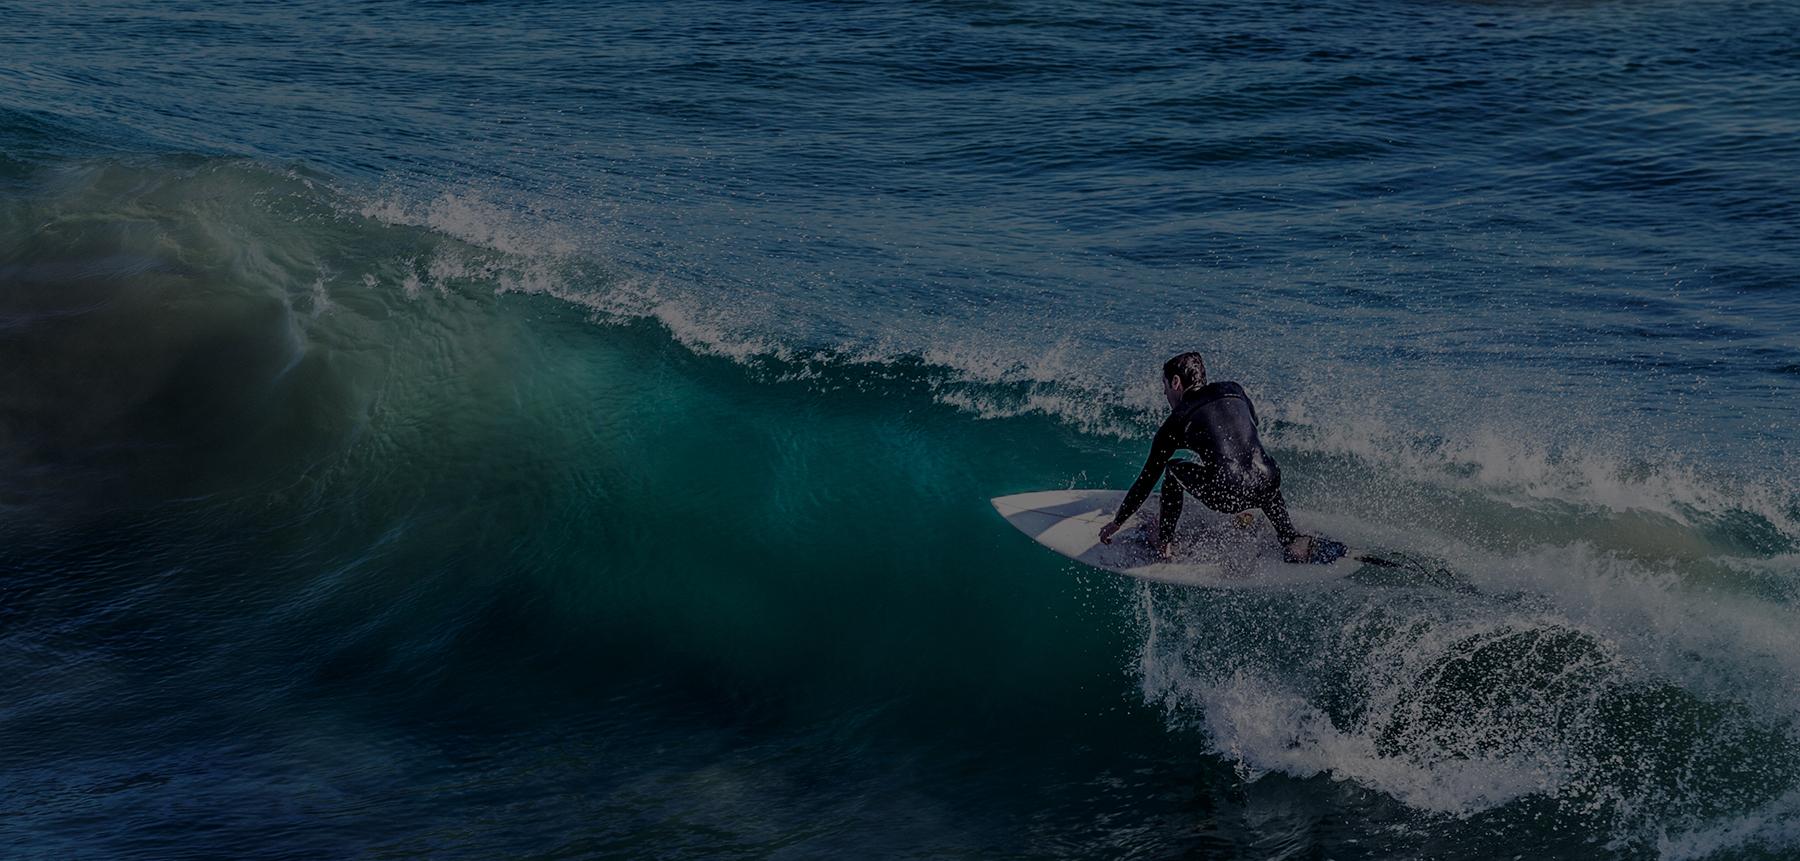 surfing-santa-barbara-insurance-1